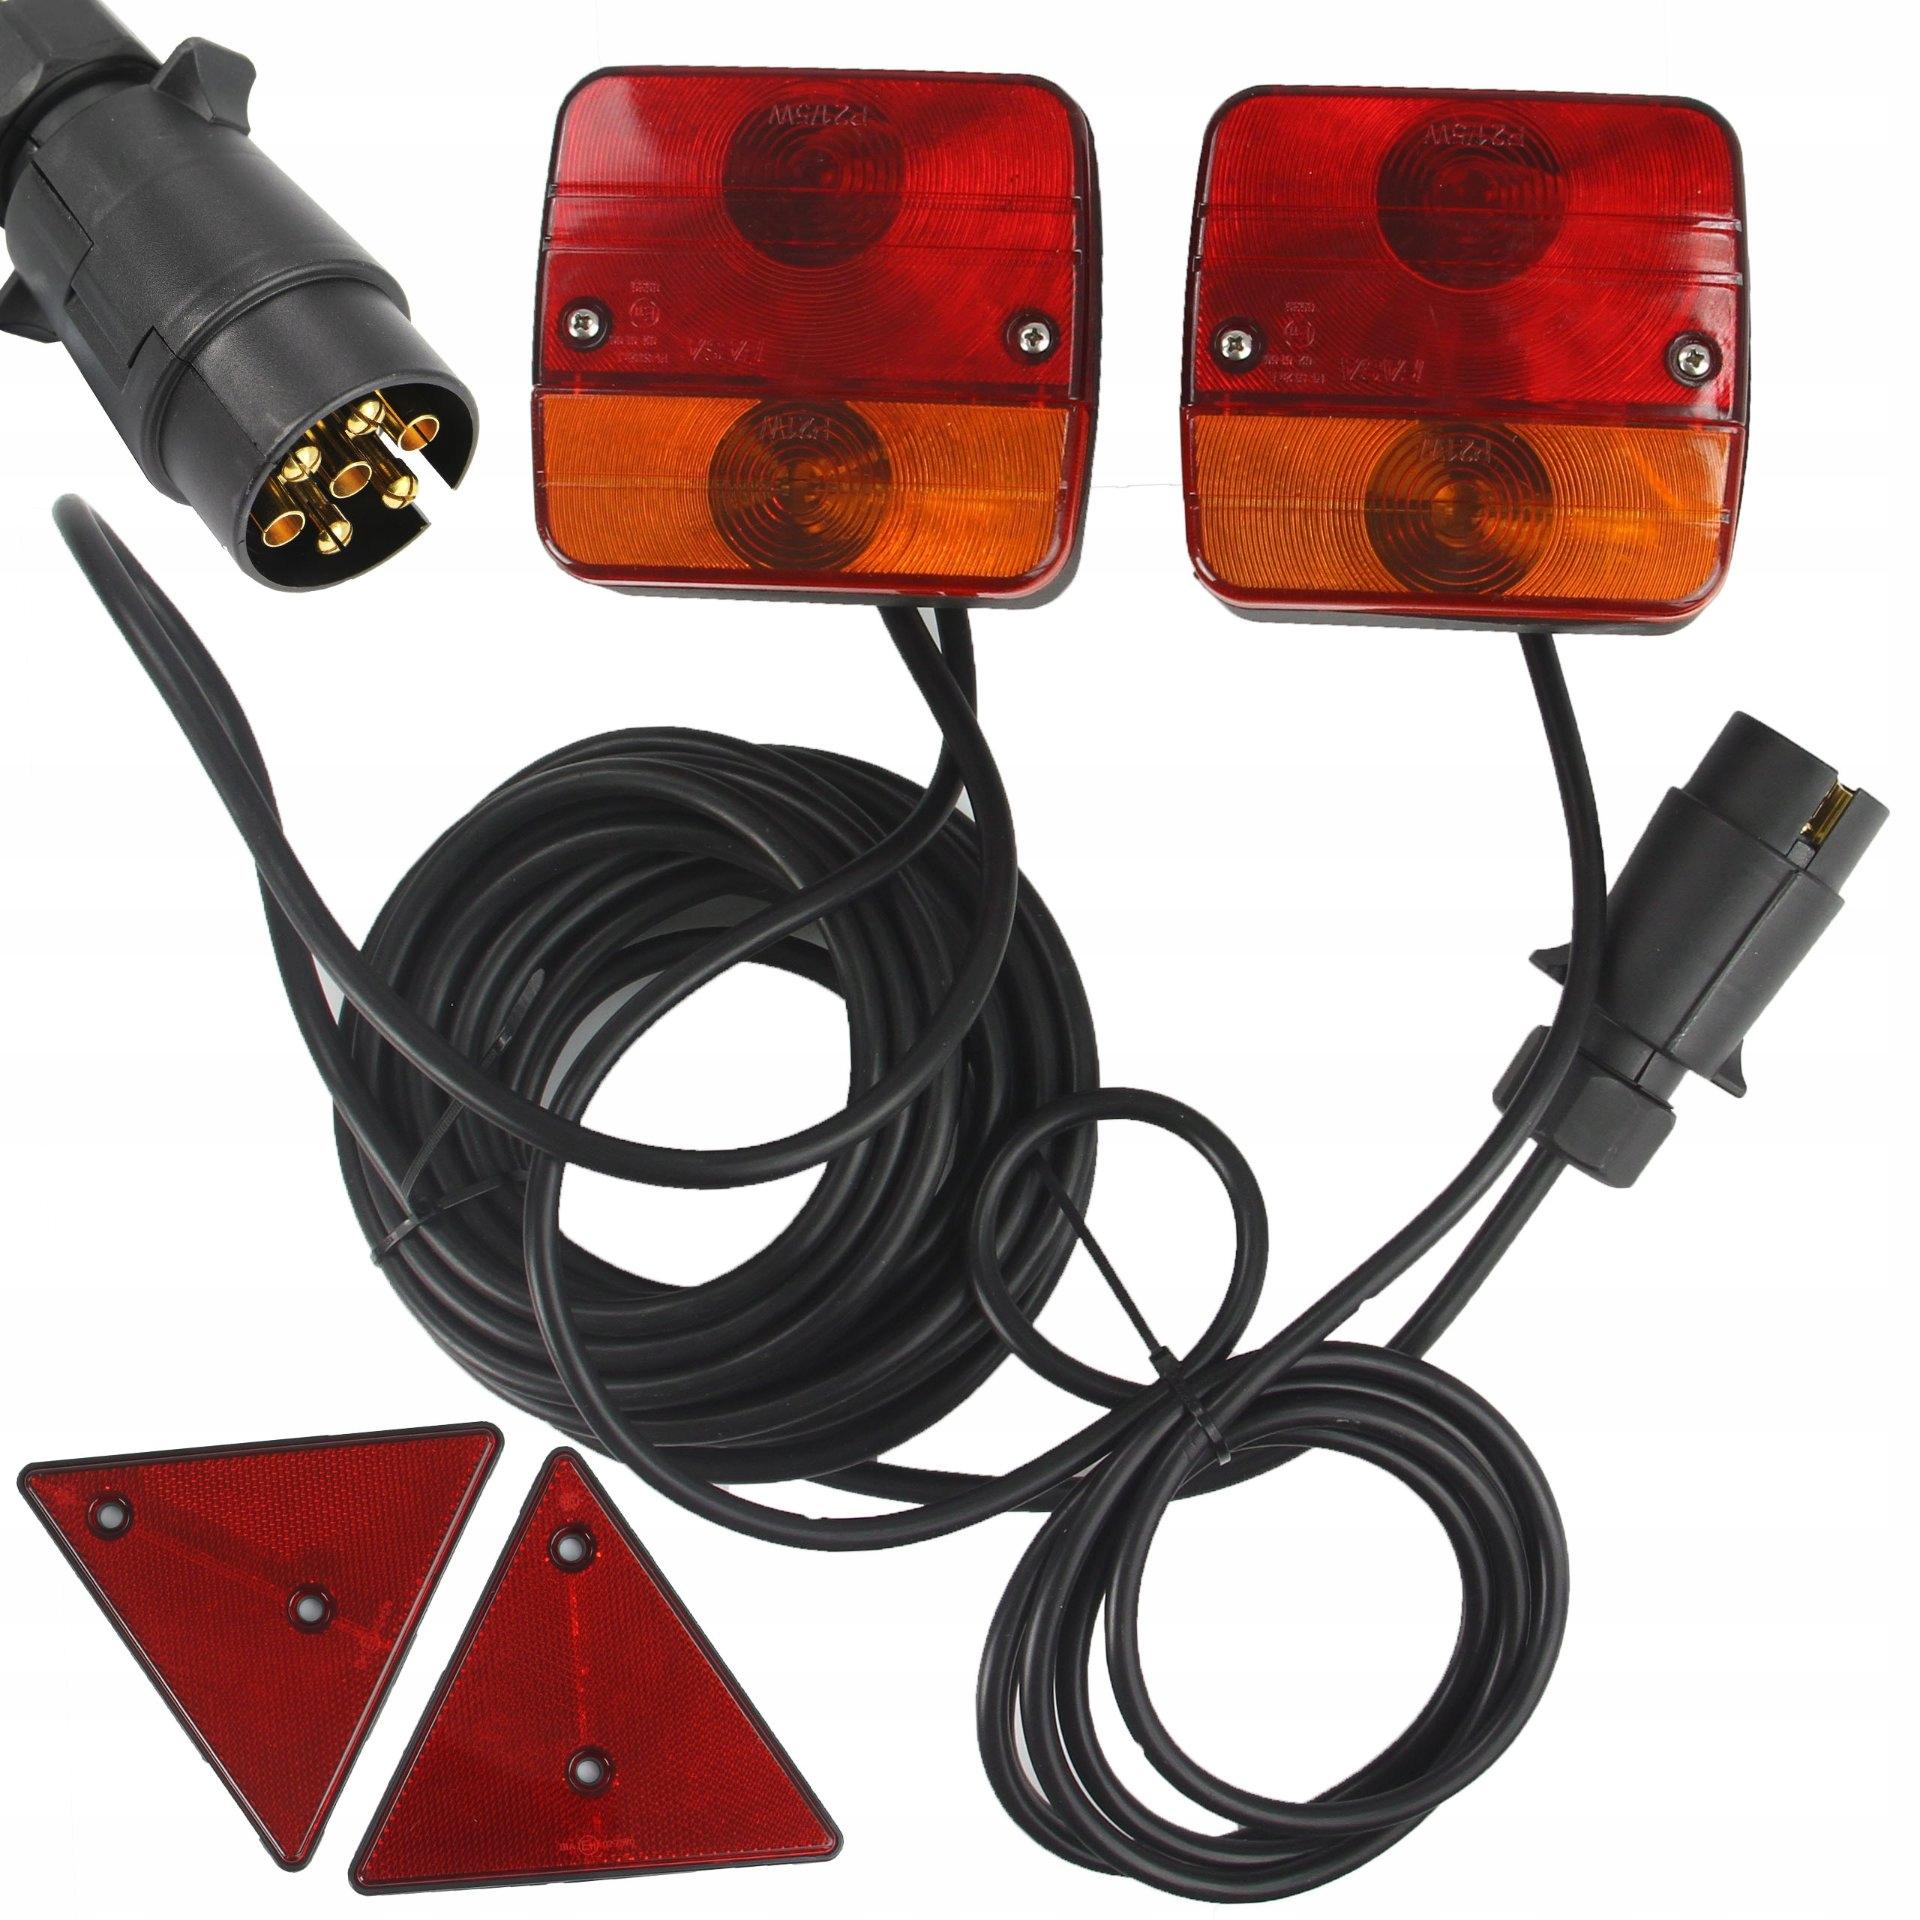 комплект лампы Света к прицеп магнит